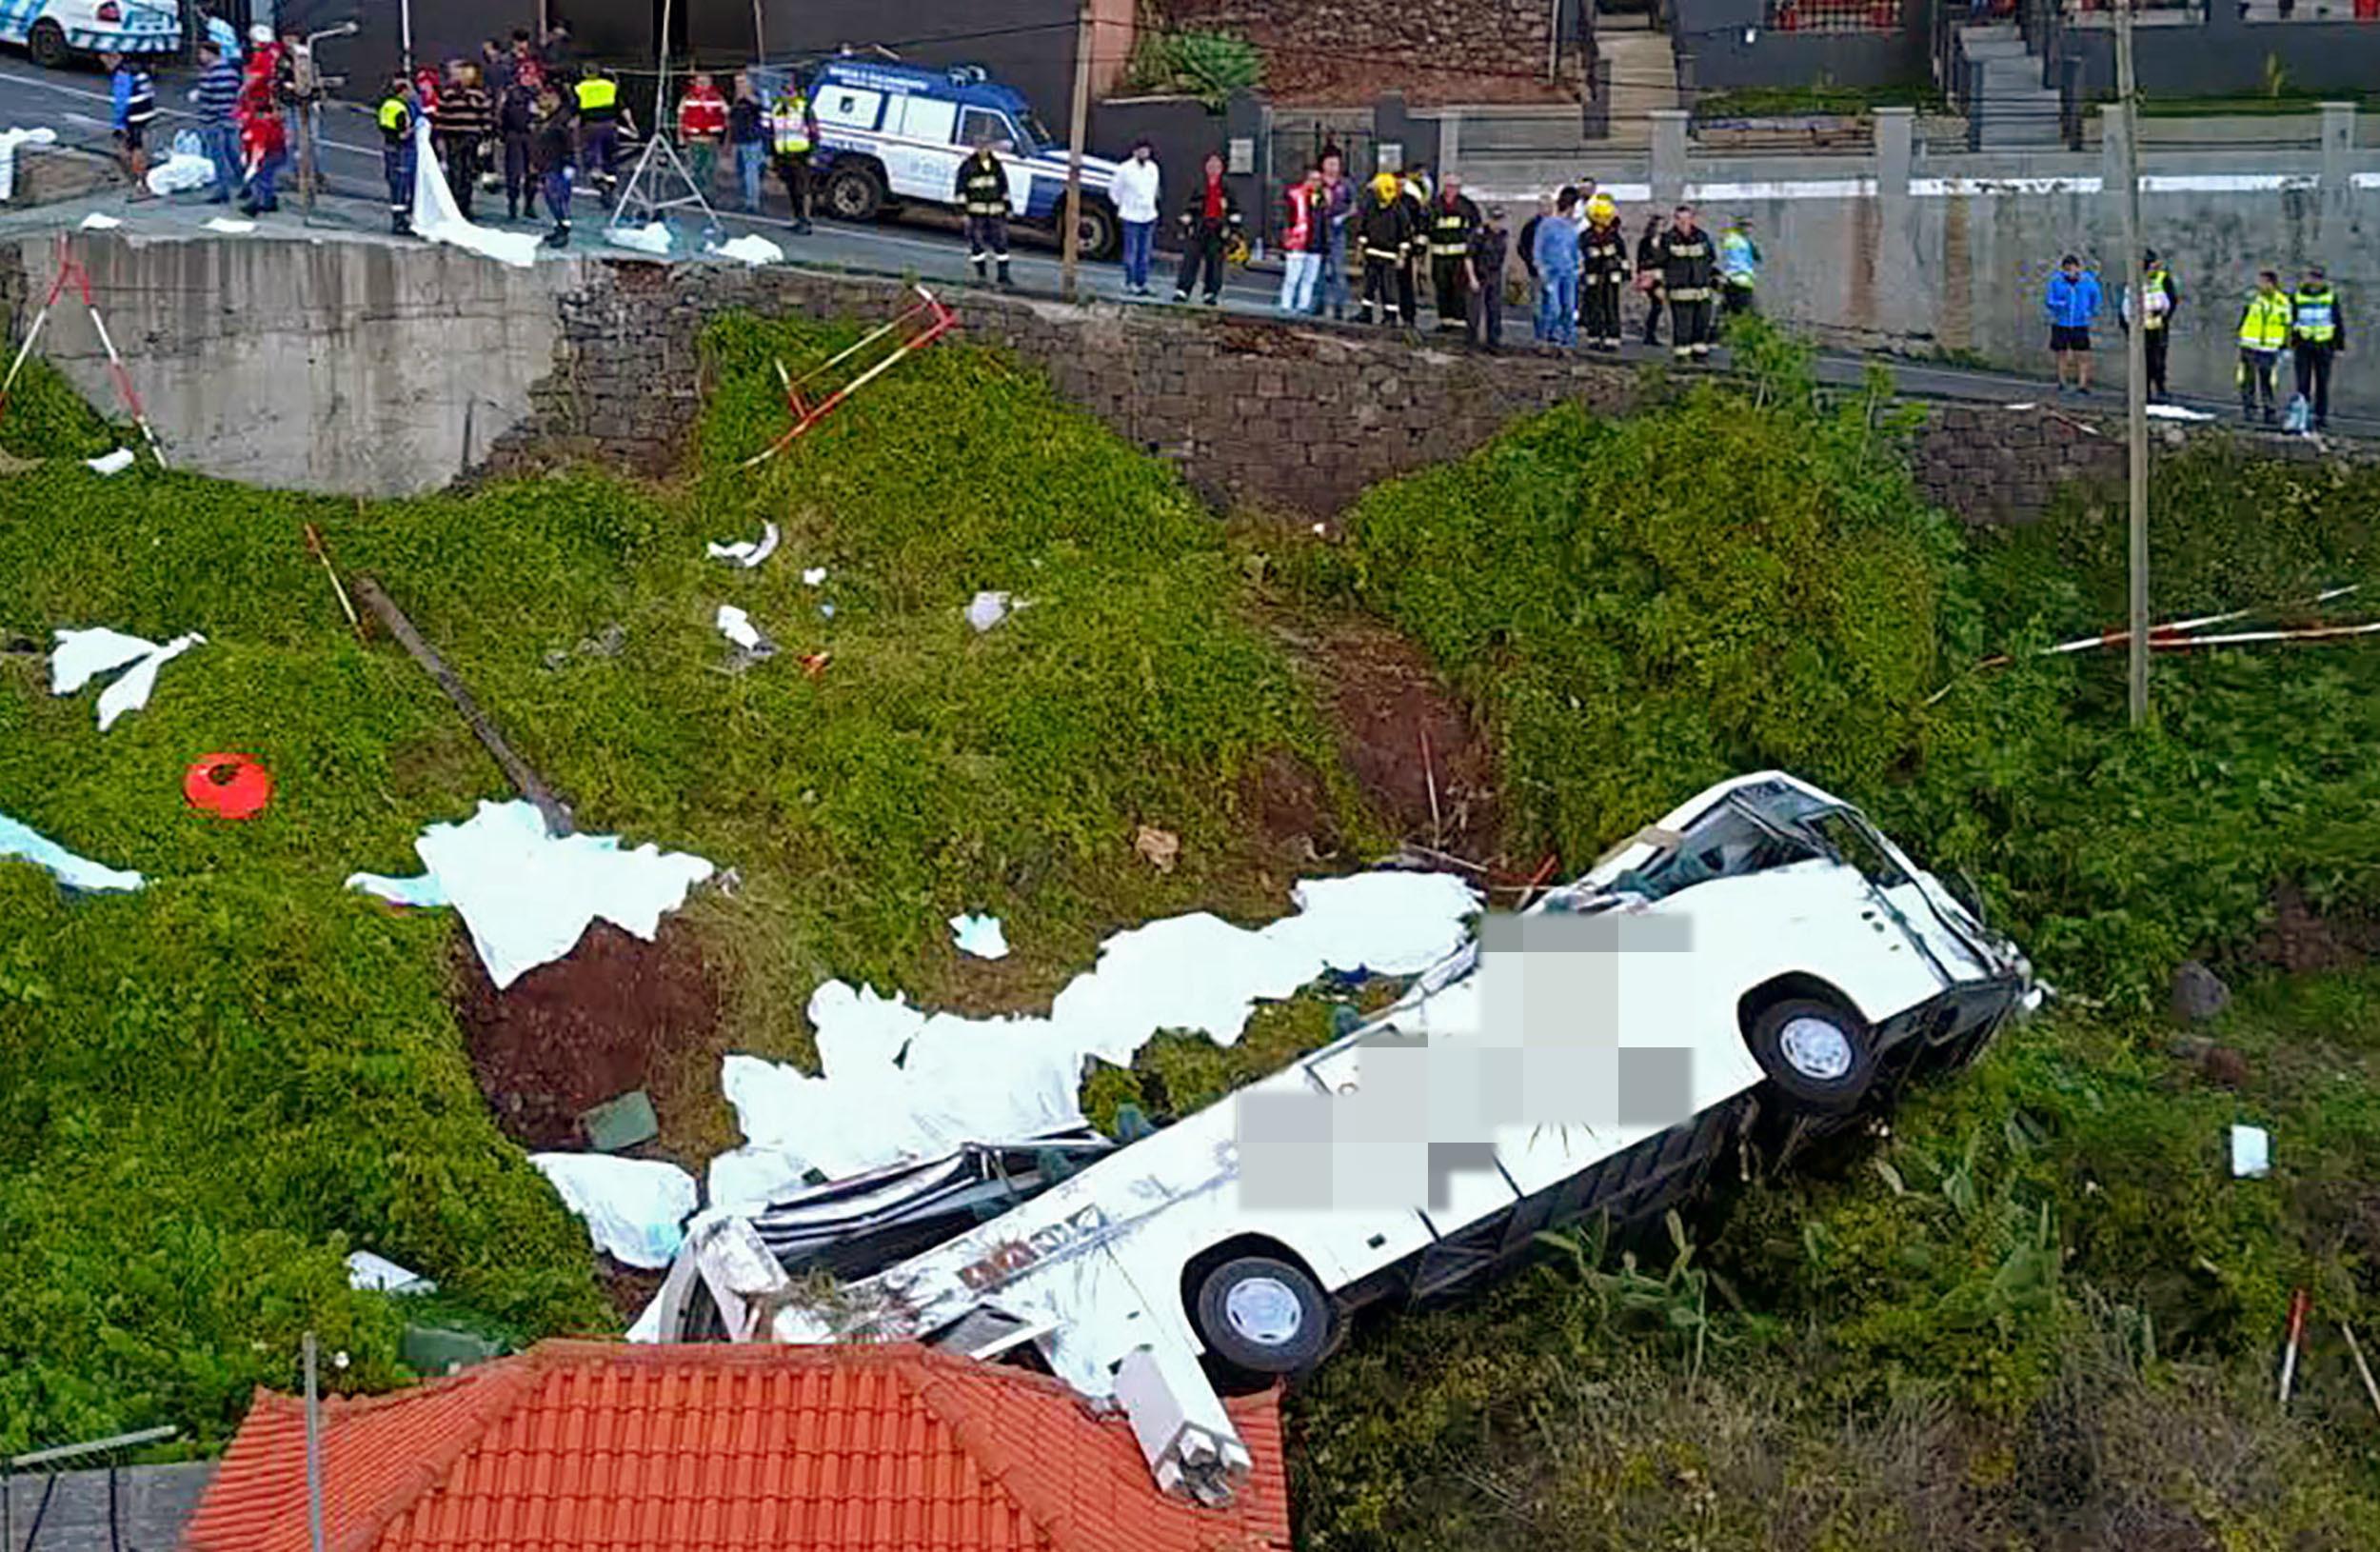 Unglück auf Madeira: Neue Details zu den Opfern - Schwere Vorwürfe gegen Busunternehmen